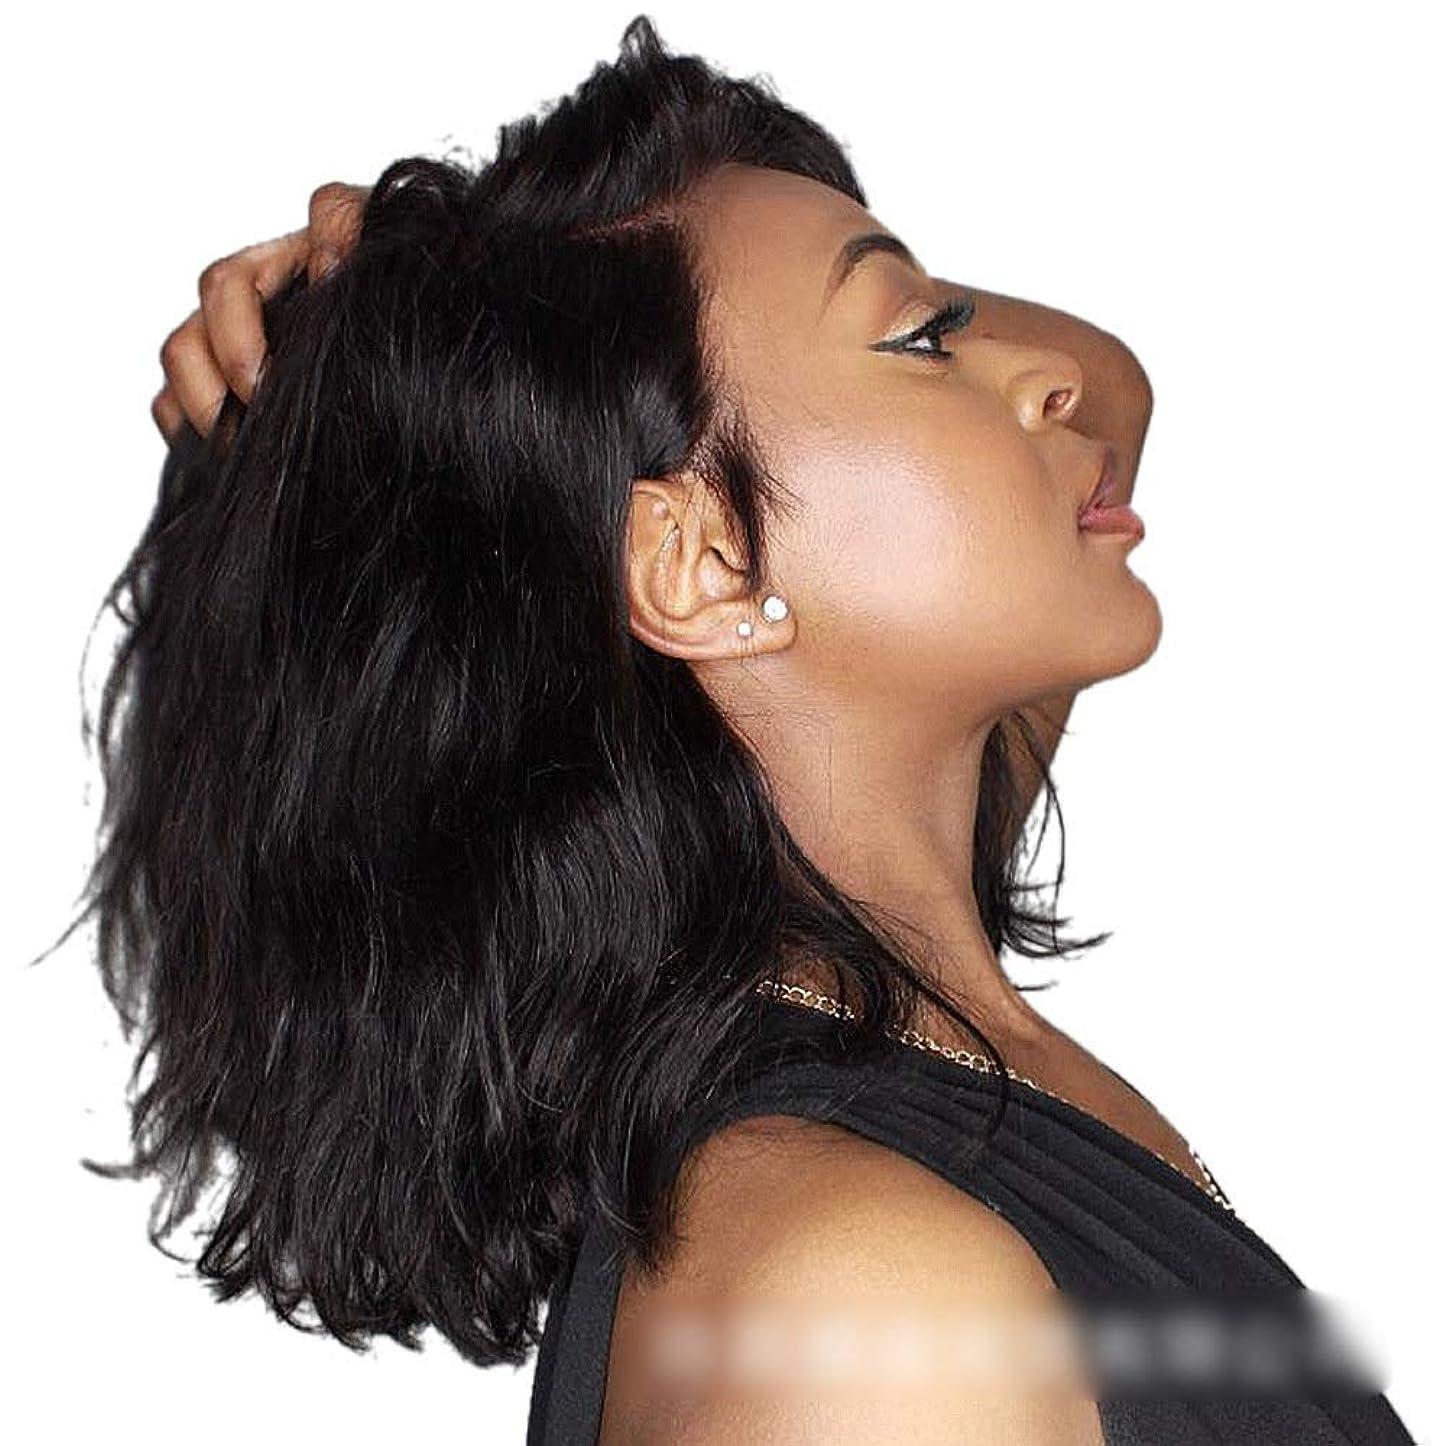 病気のサポートその後Mayalina フロントレースウィッグナチュラルカーリーウィッグバージン人間の髪かつらプレ摘み取ら自然な生え際(8